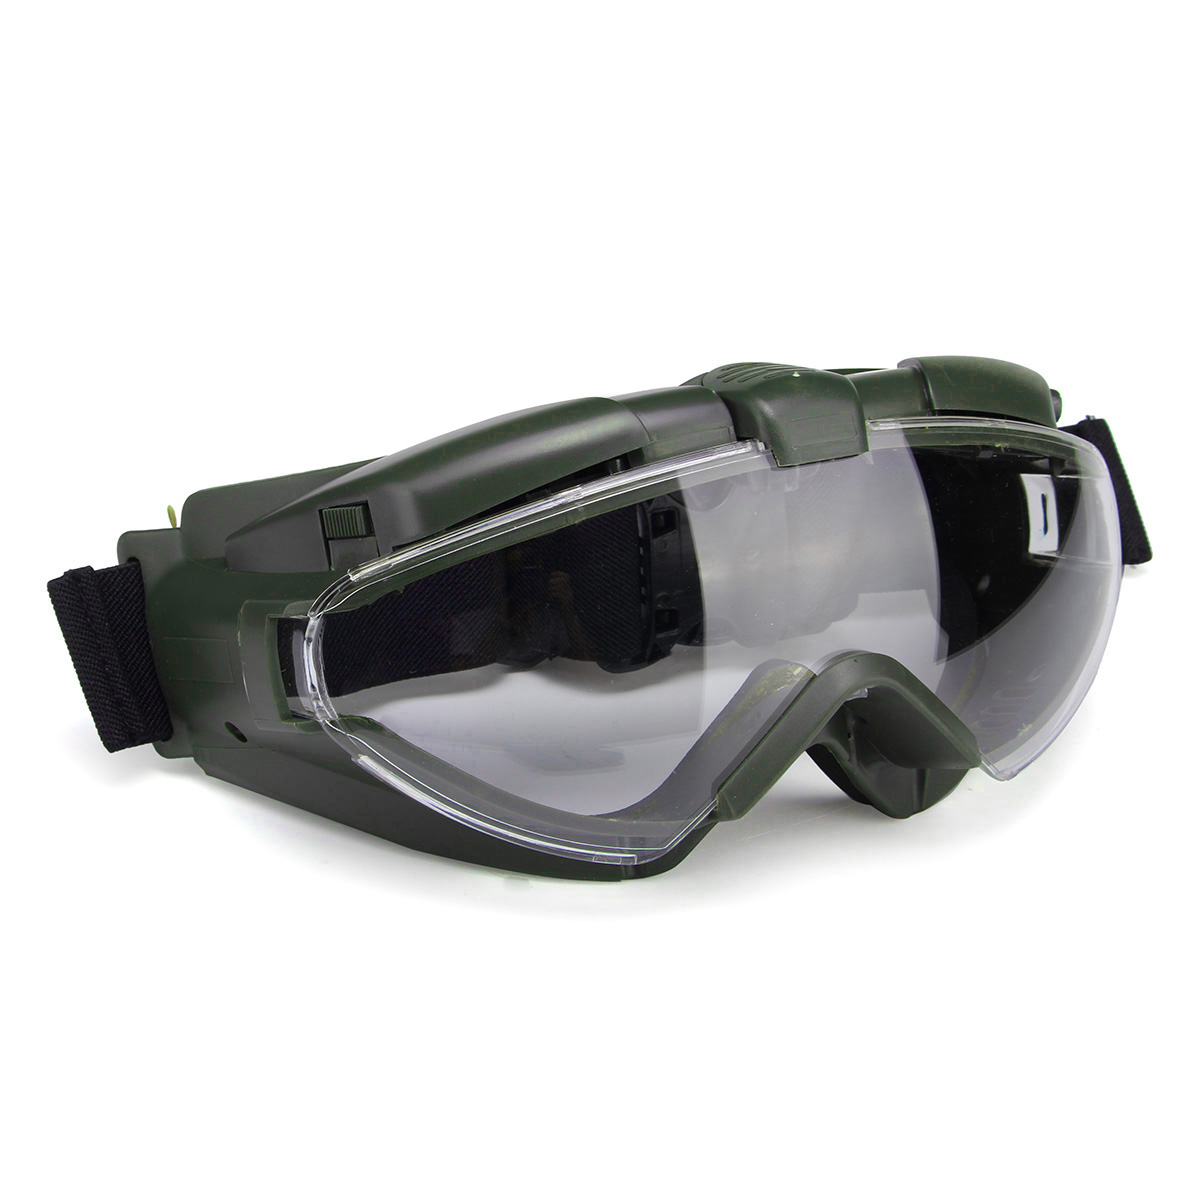 cd2f3326b Melhor Tático Anti nevoeiro óculos de proteção Anti poeira óculos de  Segurança Óculos Óculos com Ventilador Regulador de Segurança Proteção para  Os Olhos ...